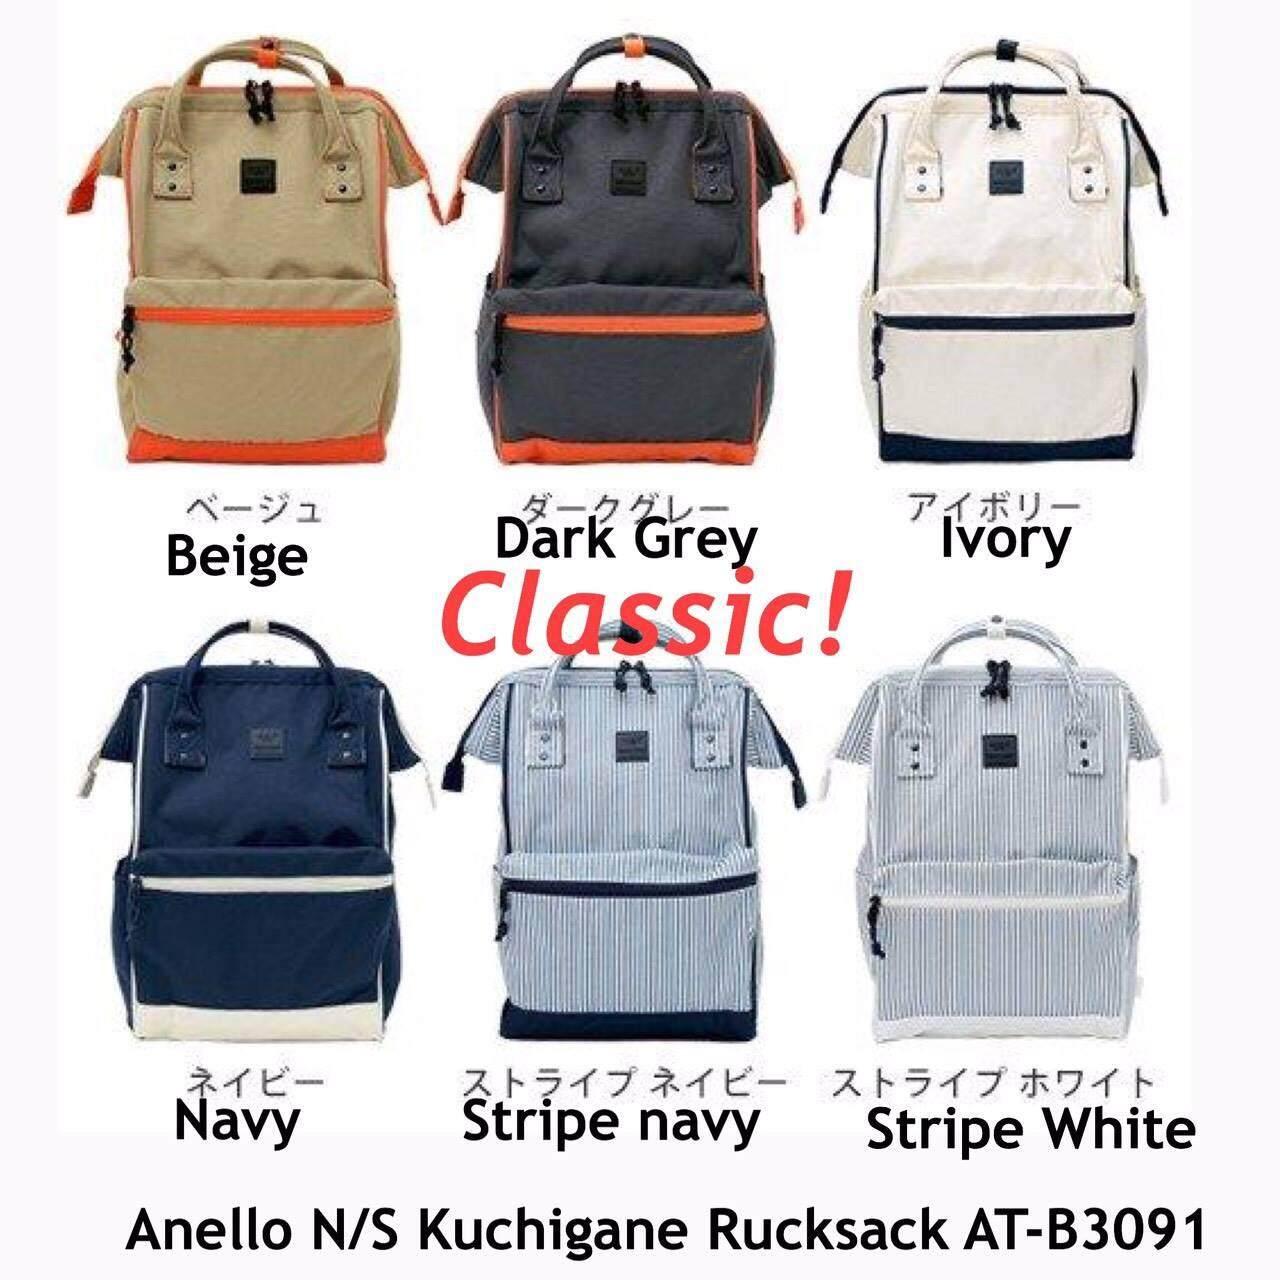 สินเชื่อบุคคลซิตี้  พิษณุโลก Anello N/S Kuchigane Rucksack AT-B3091